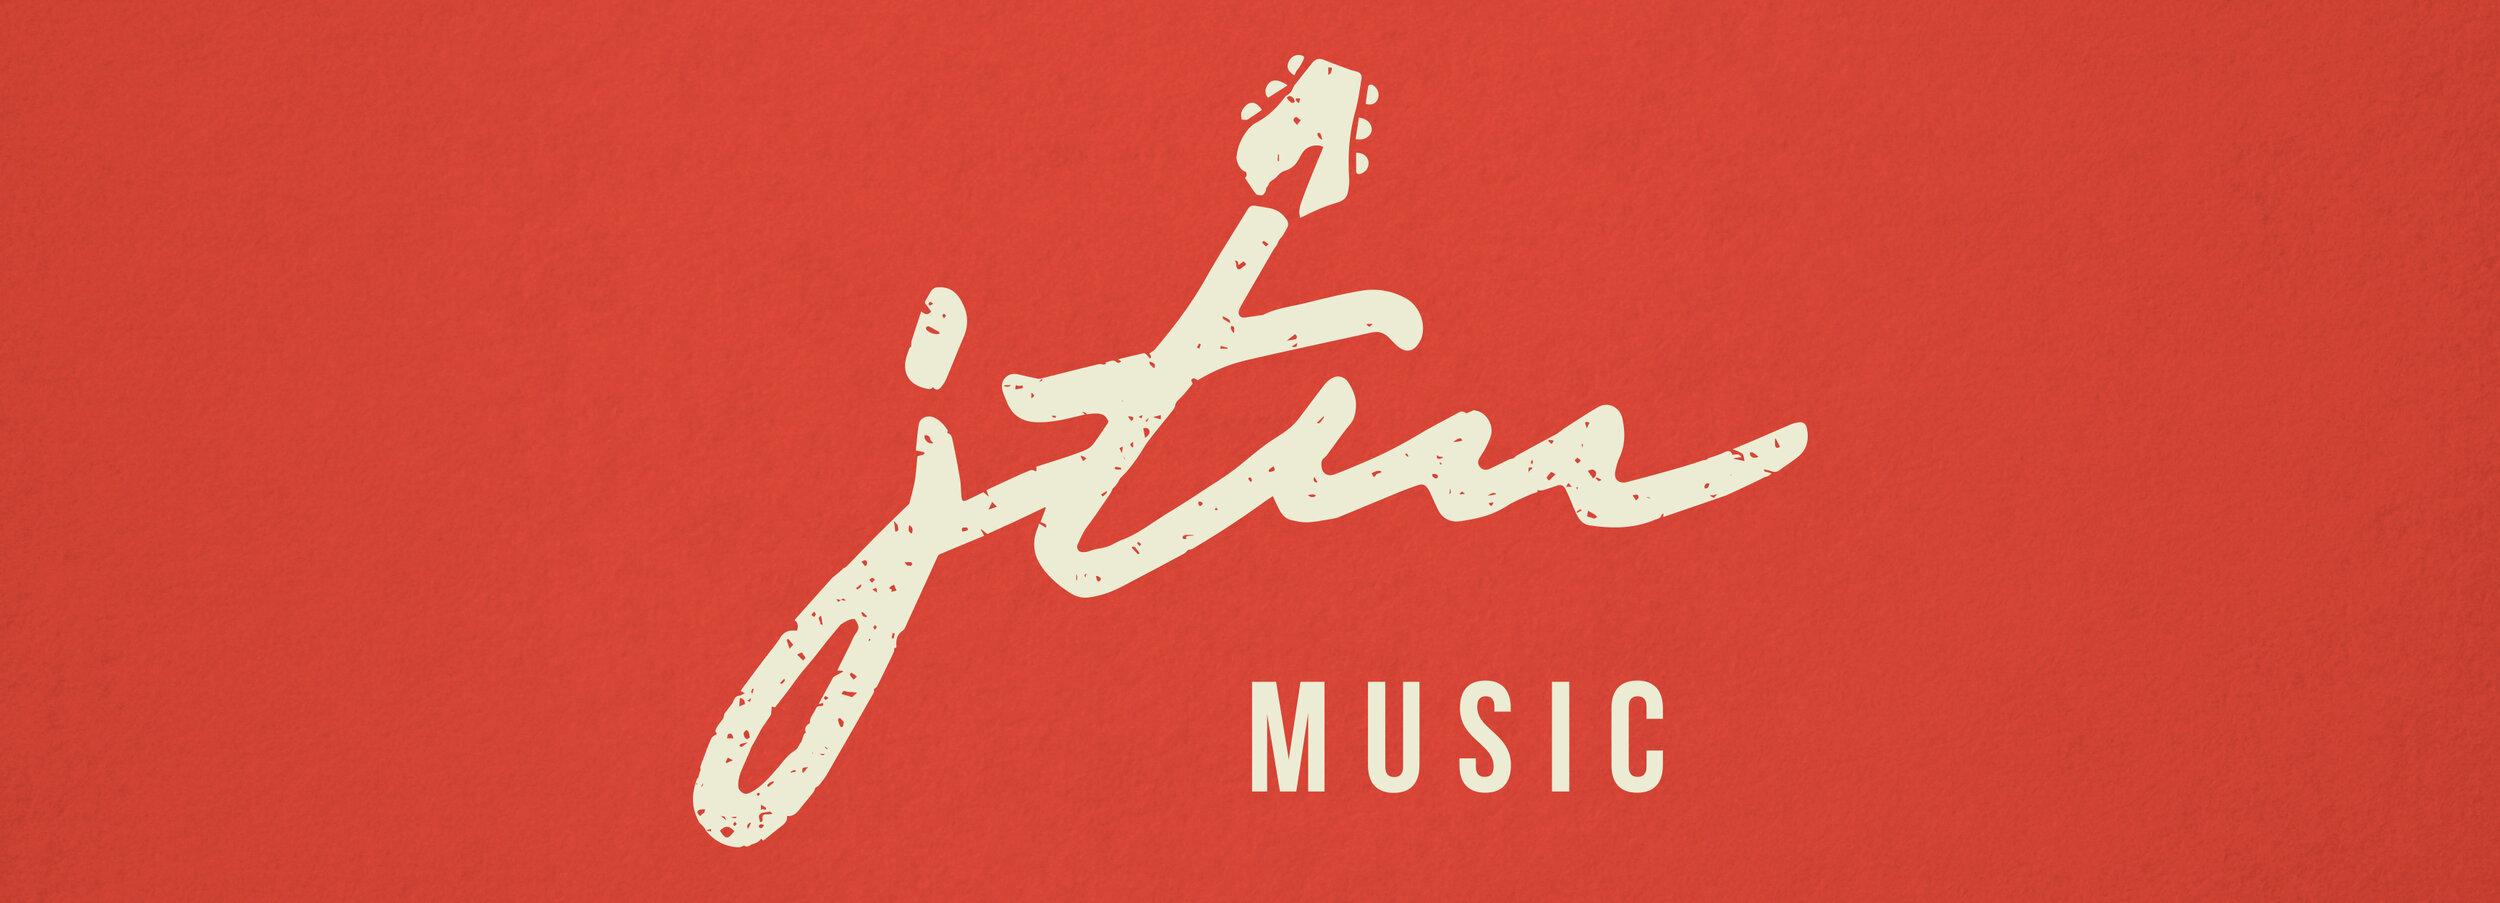 JTMmusic-Header.jpg